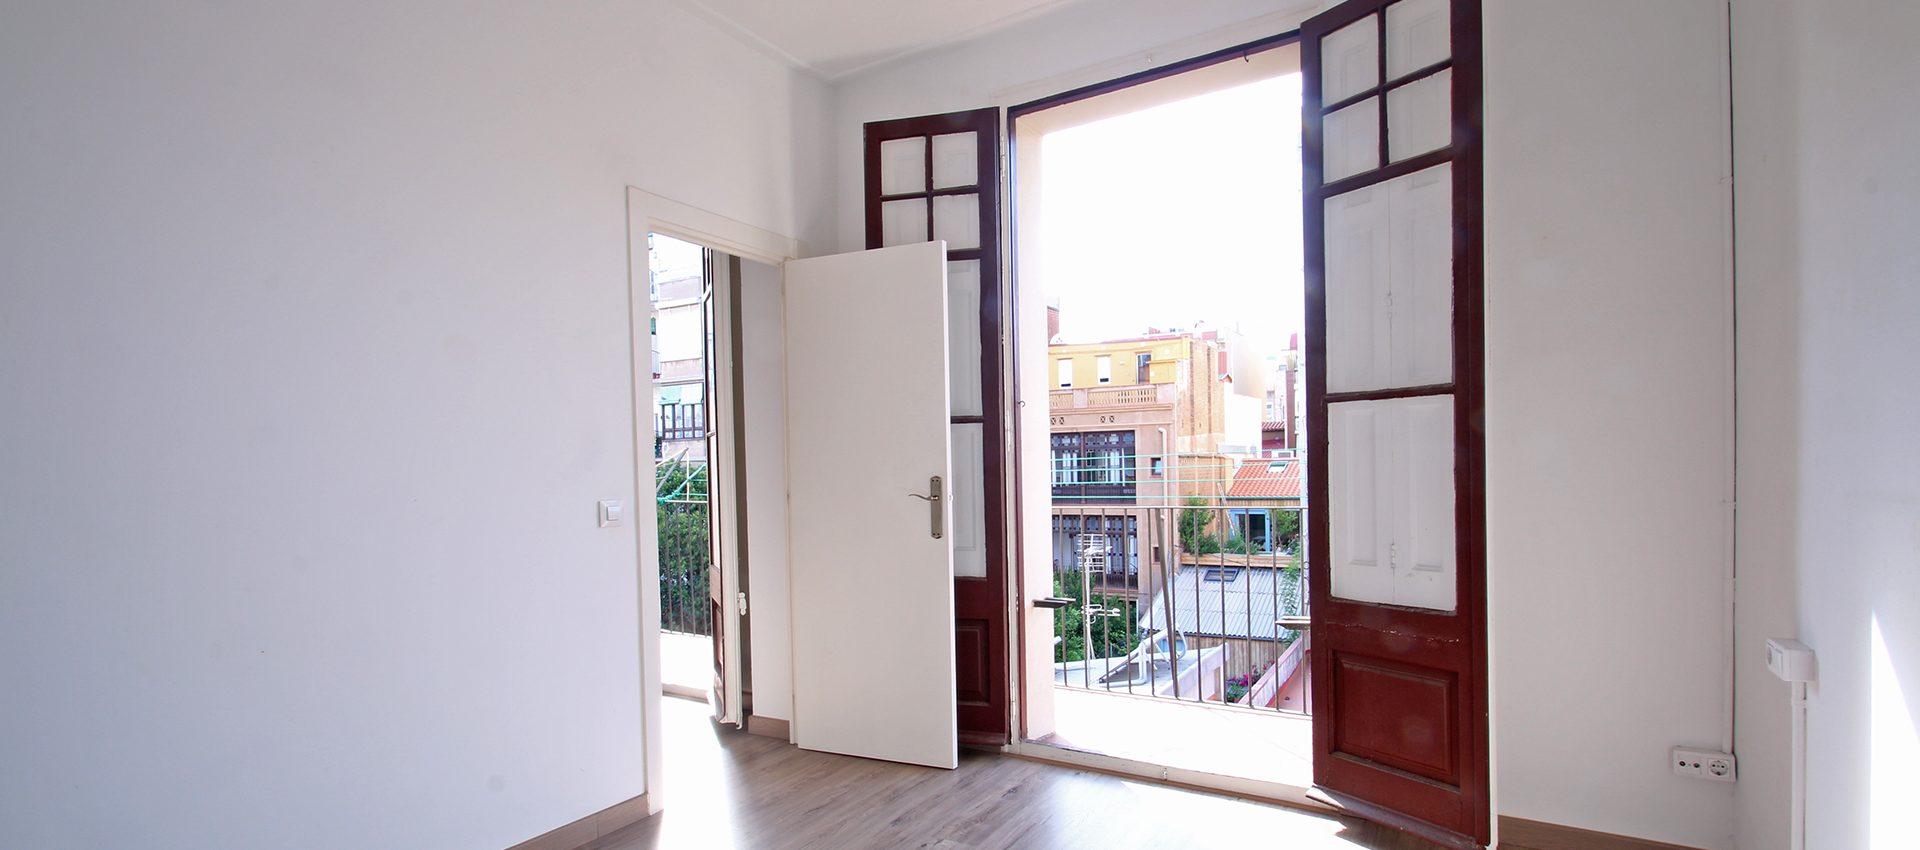 Jaen apartment